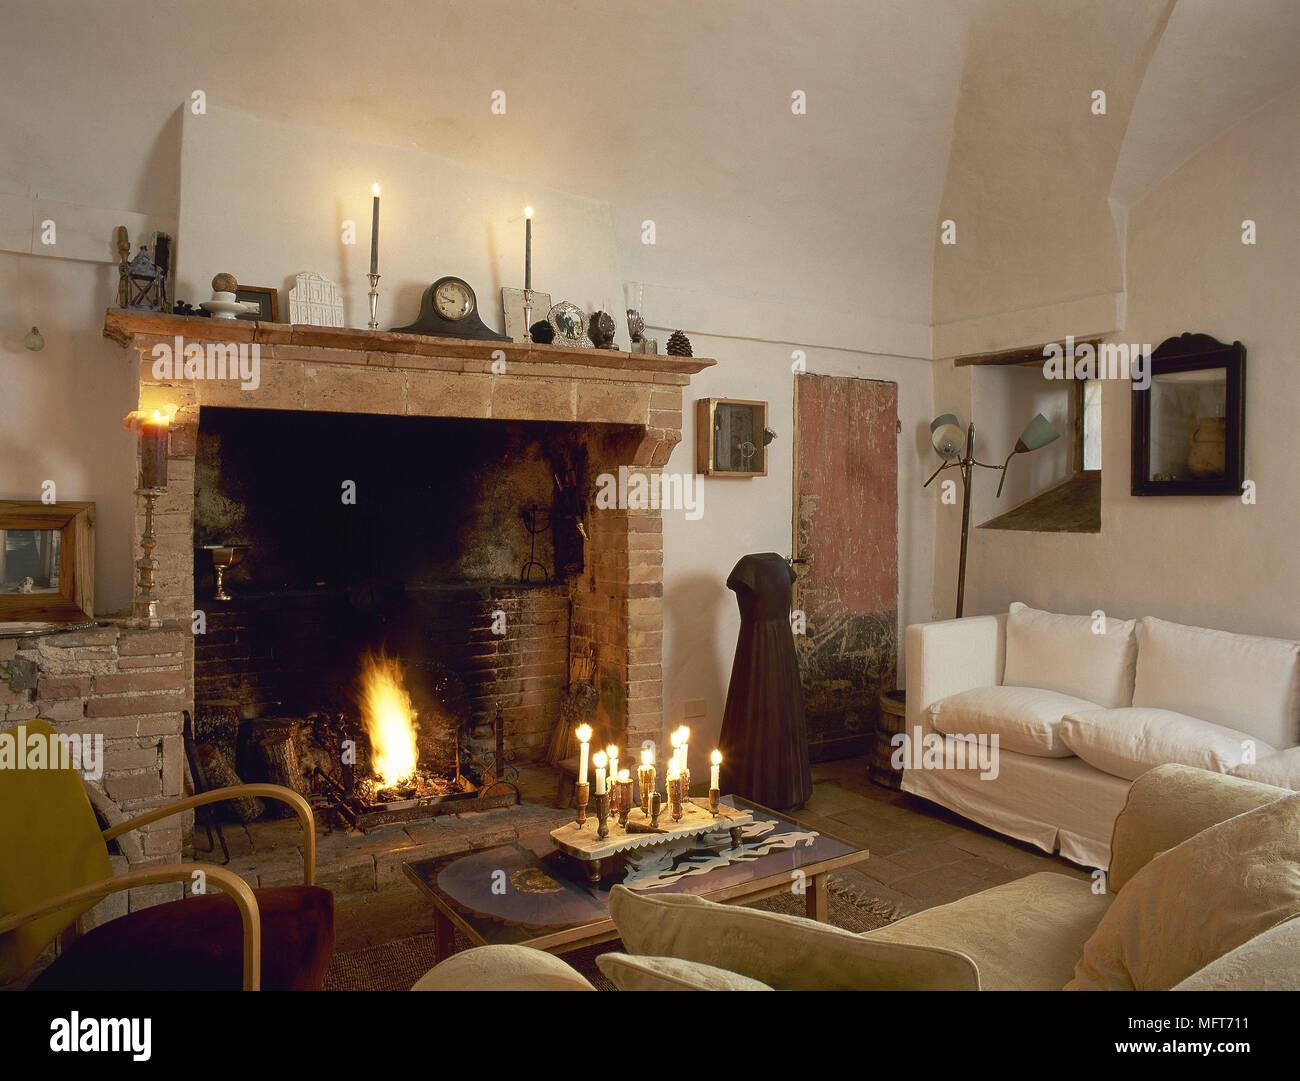 Colori Per Interni Casa Rustica paese rustica sala caminetto in mattoni ad aprire il fuoco